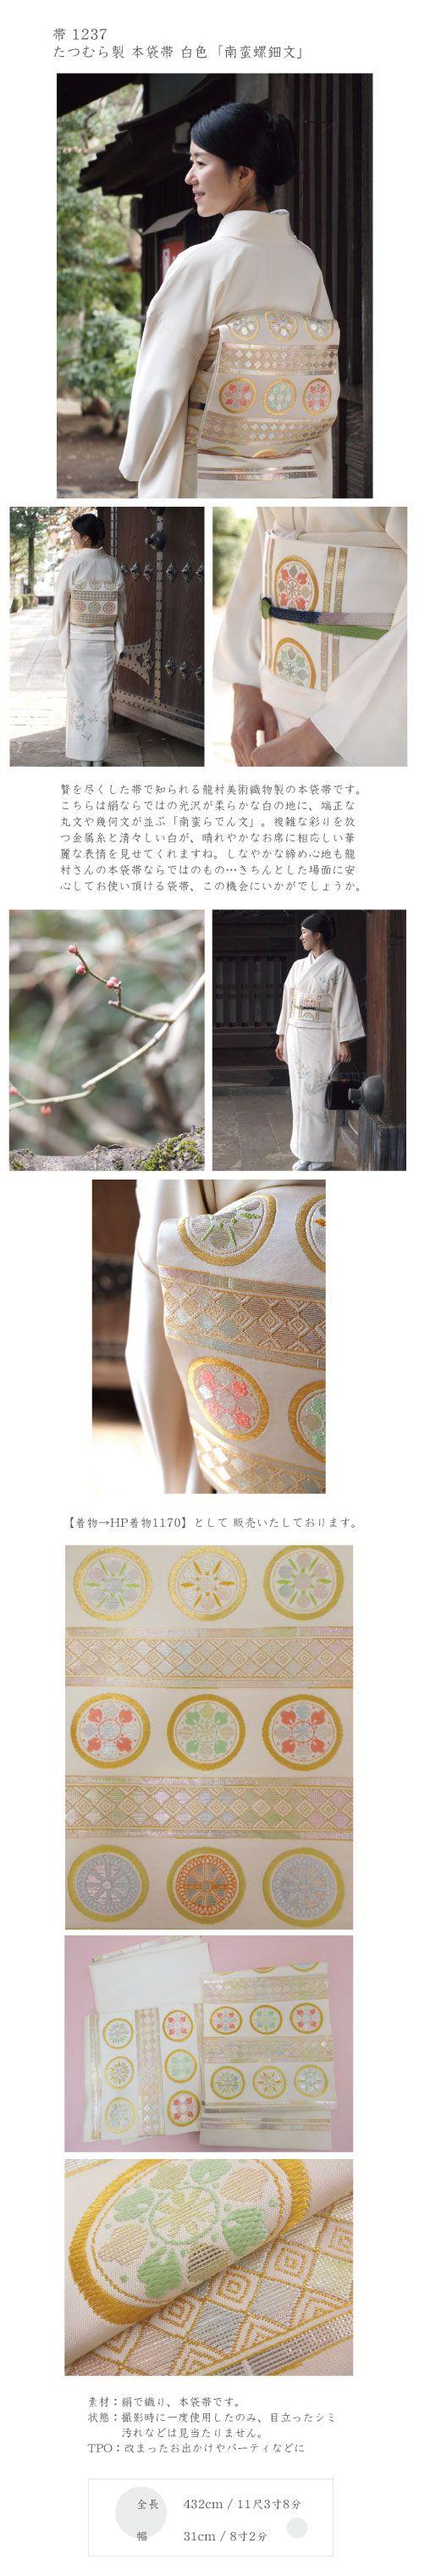 【帯1237】西陣 たつむら製 袋帯「南蛮螺鈿文」 - きもの青木 通販ショップ|きもの青木ONLINESHOP